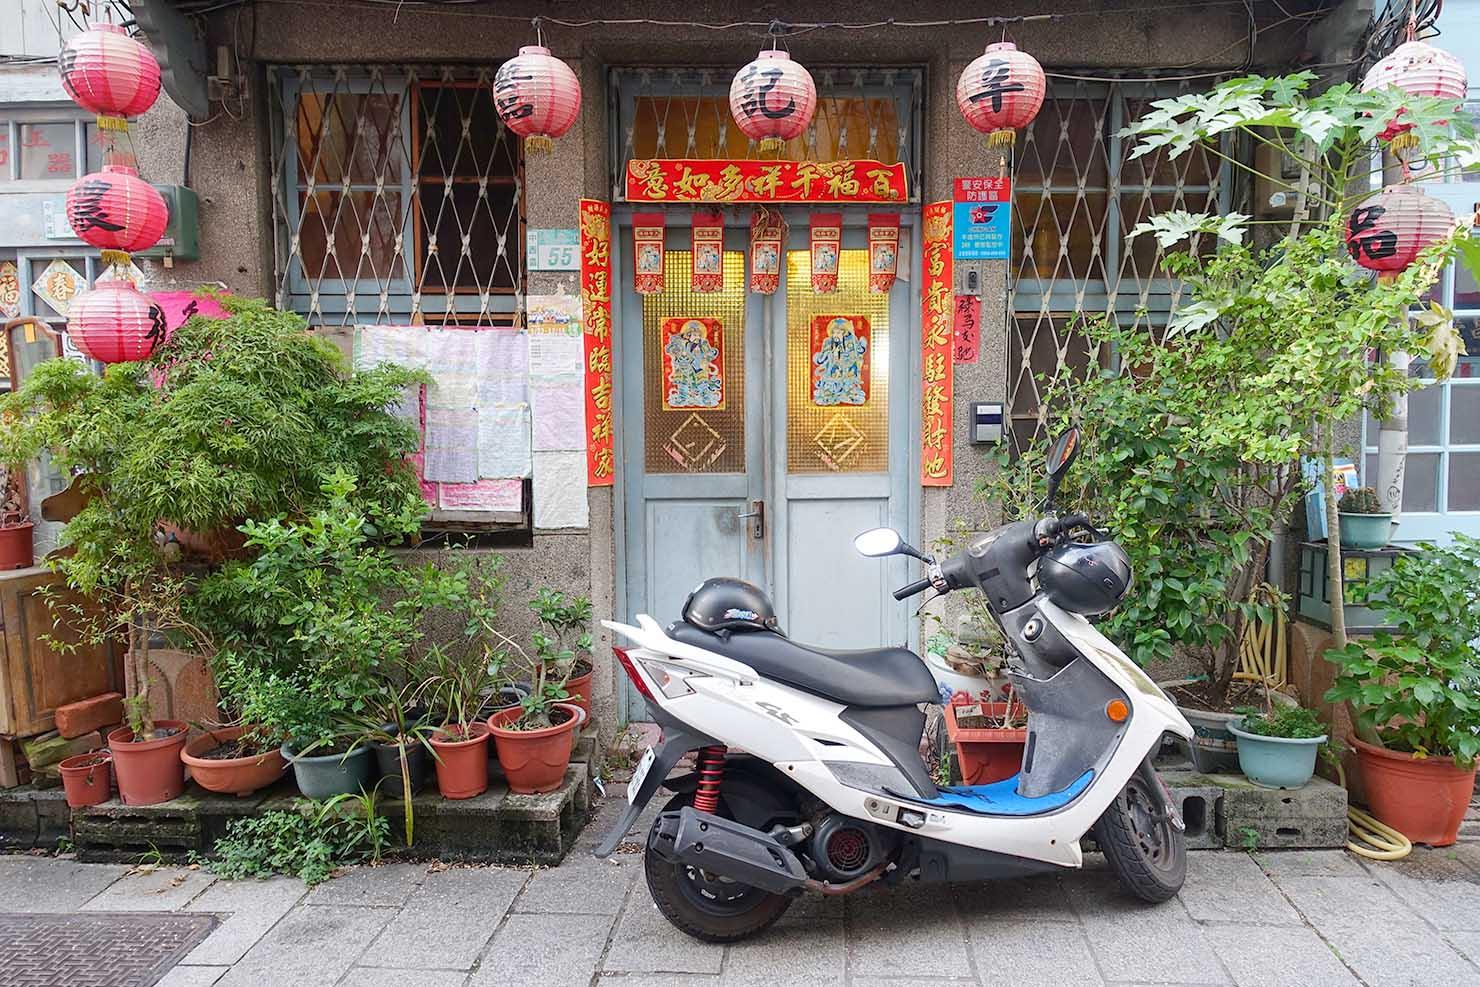 台湾の古都・台南のおすすめ観光スポット「神農街」にある古民家の軒先